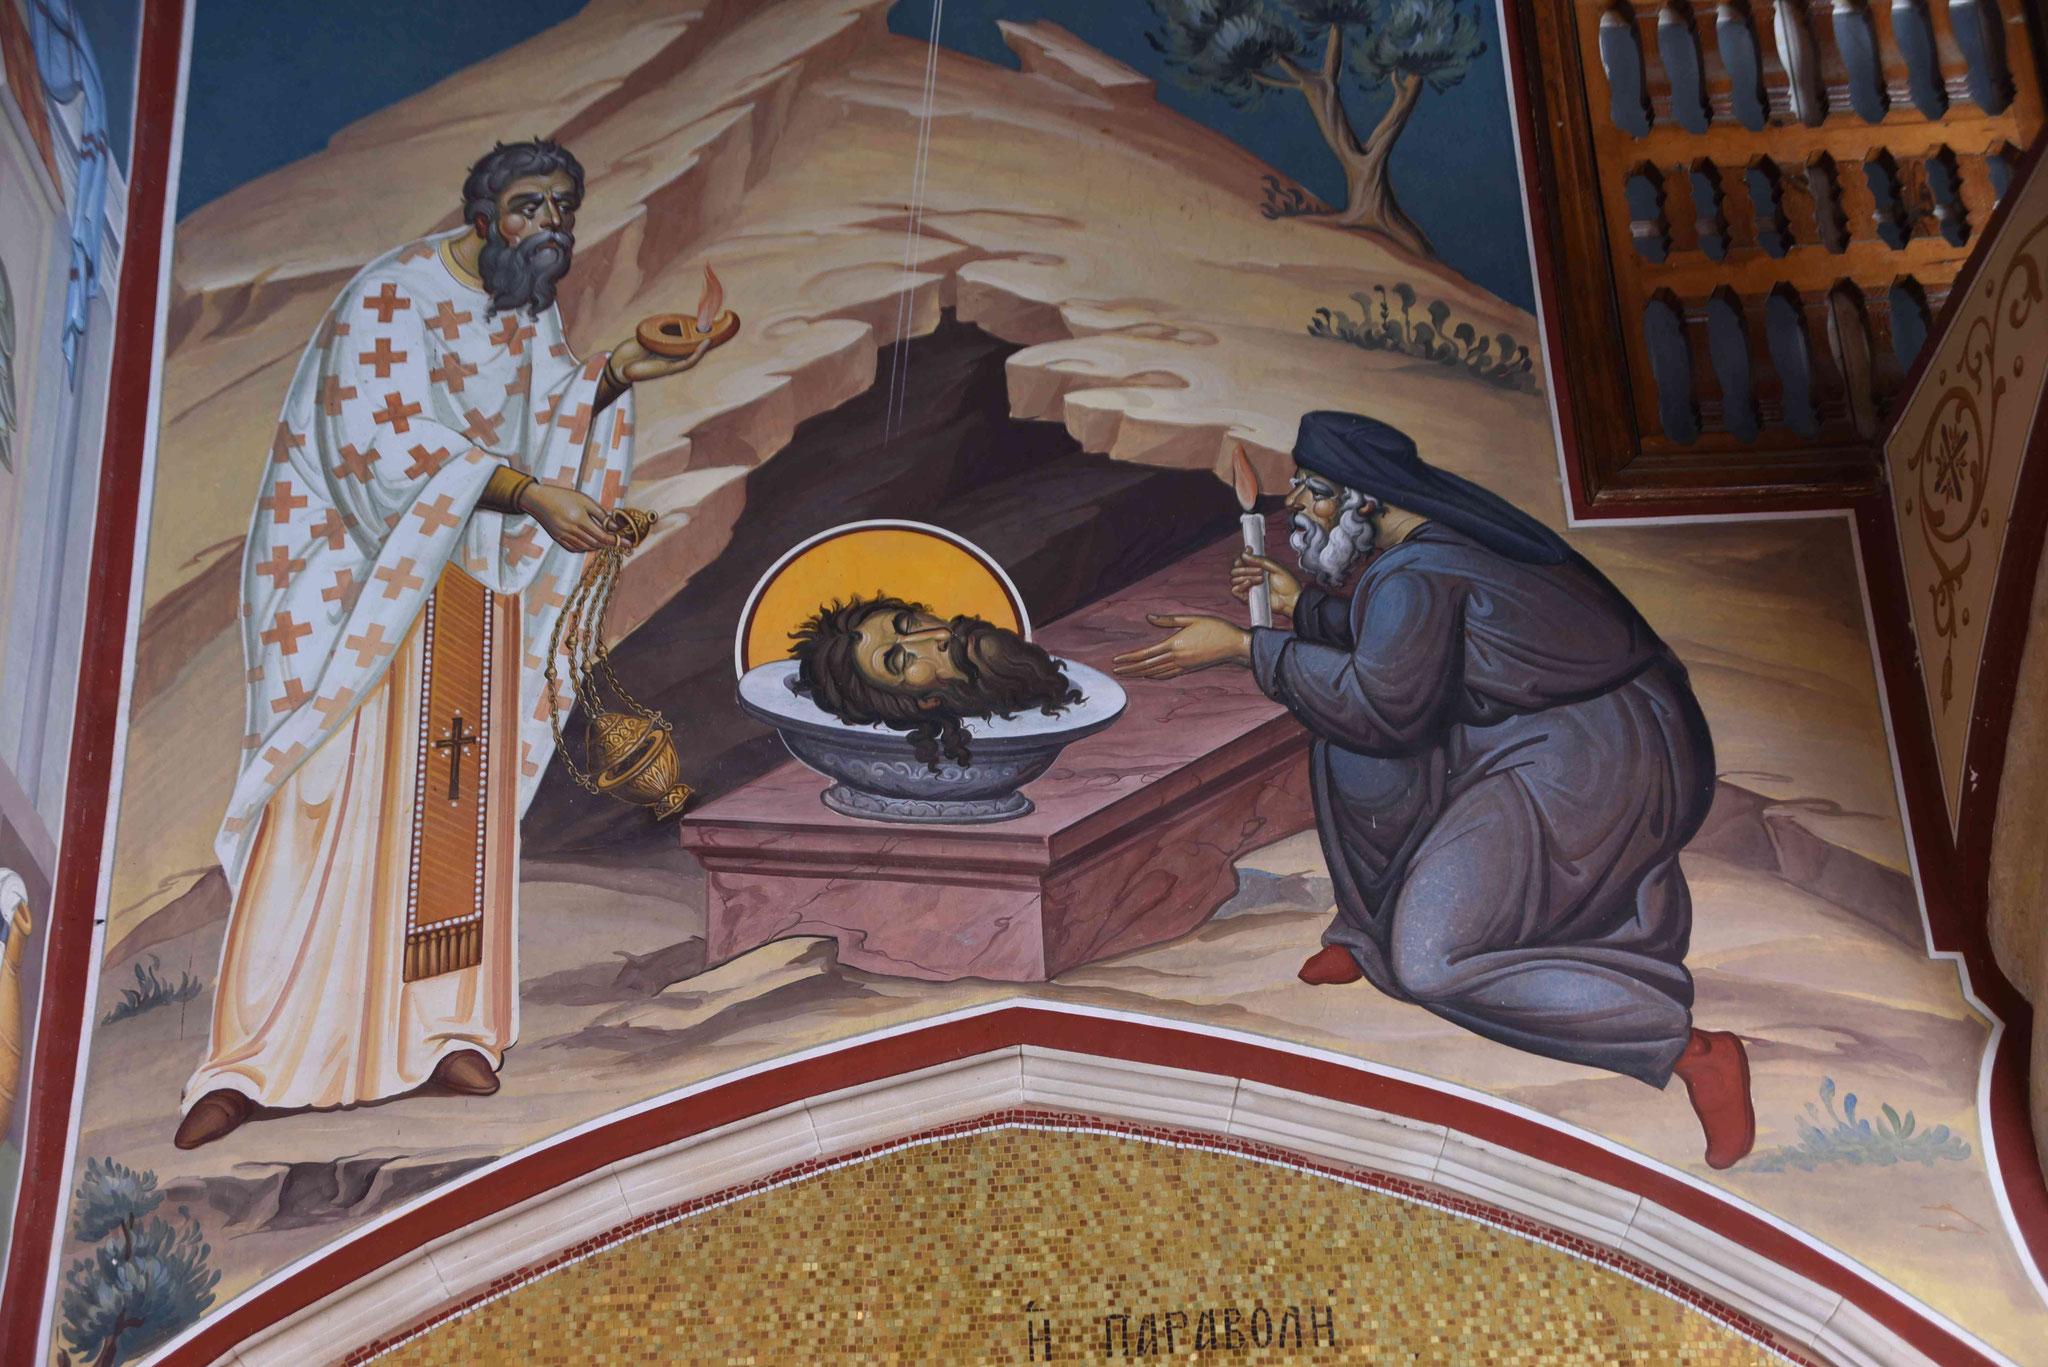 Gemälde von Glaubensgeschichten findet man viele- auch makabre